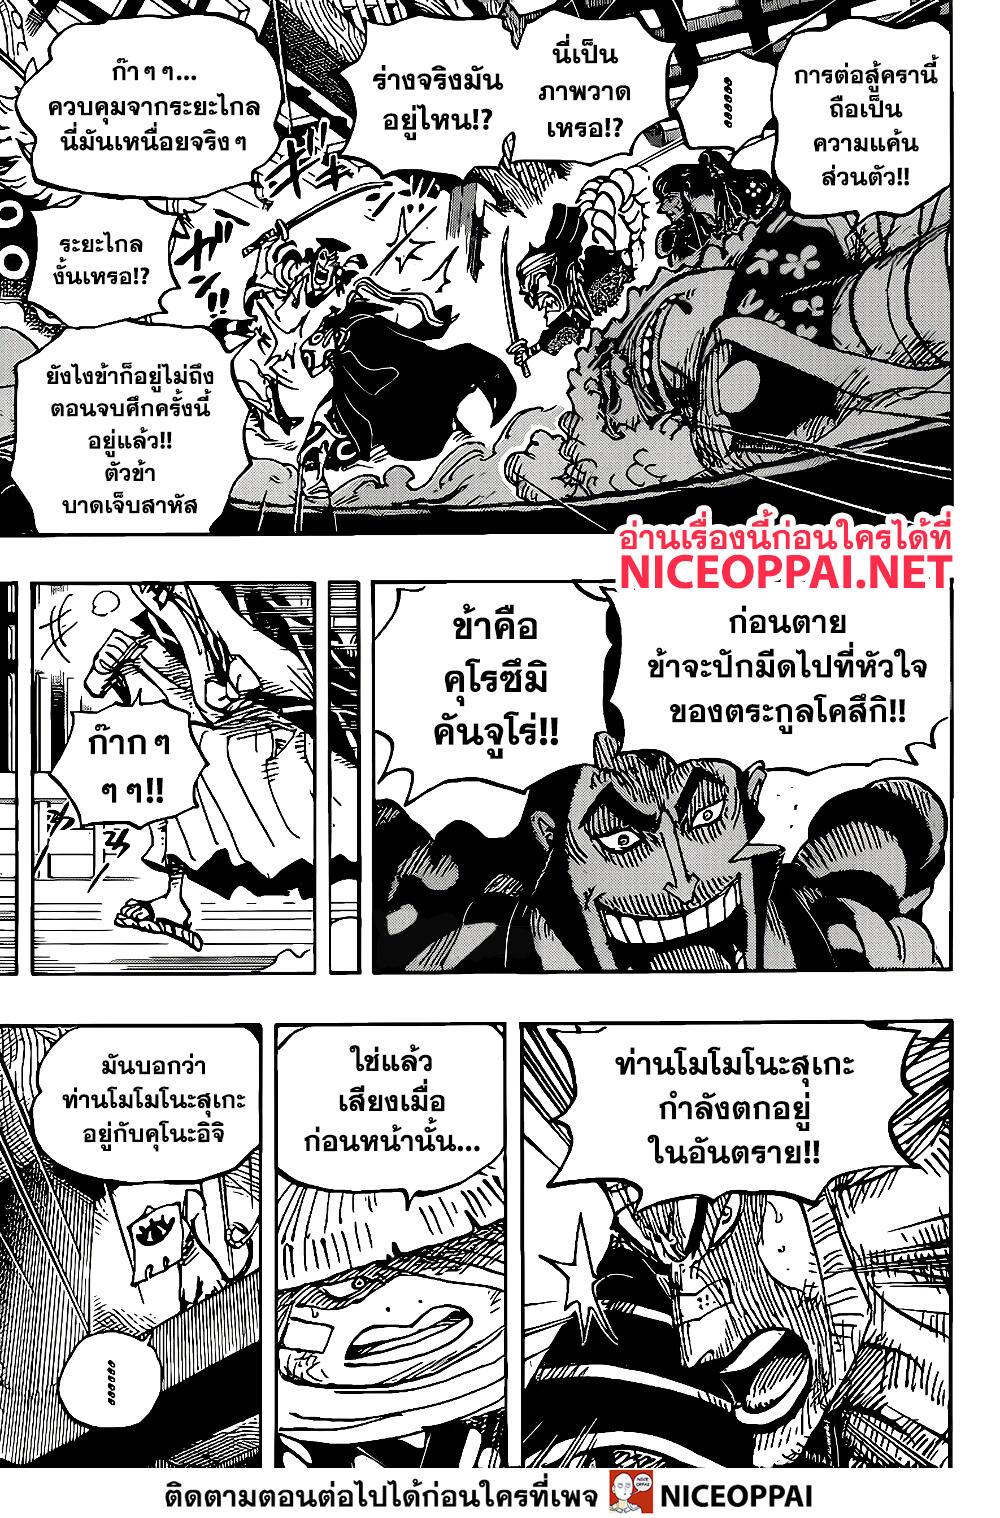 อ่านการ์ตูน One Piece ตอนที่ 1008 หน้าที่ 7